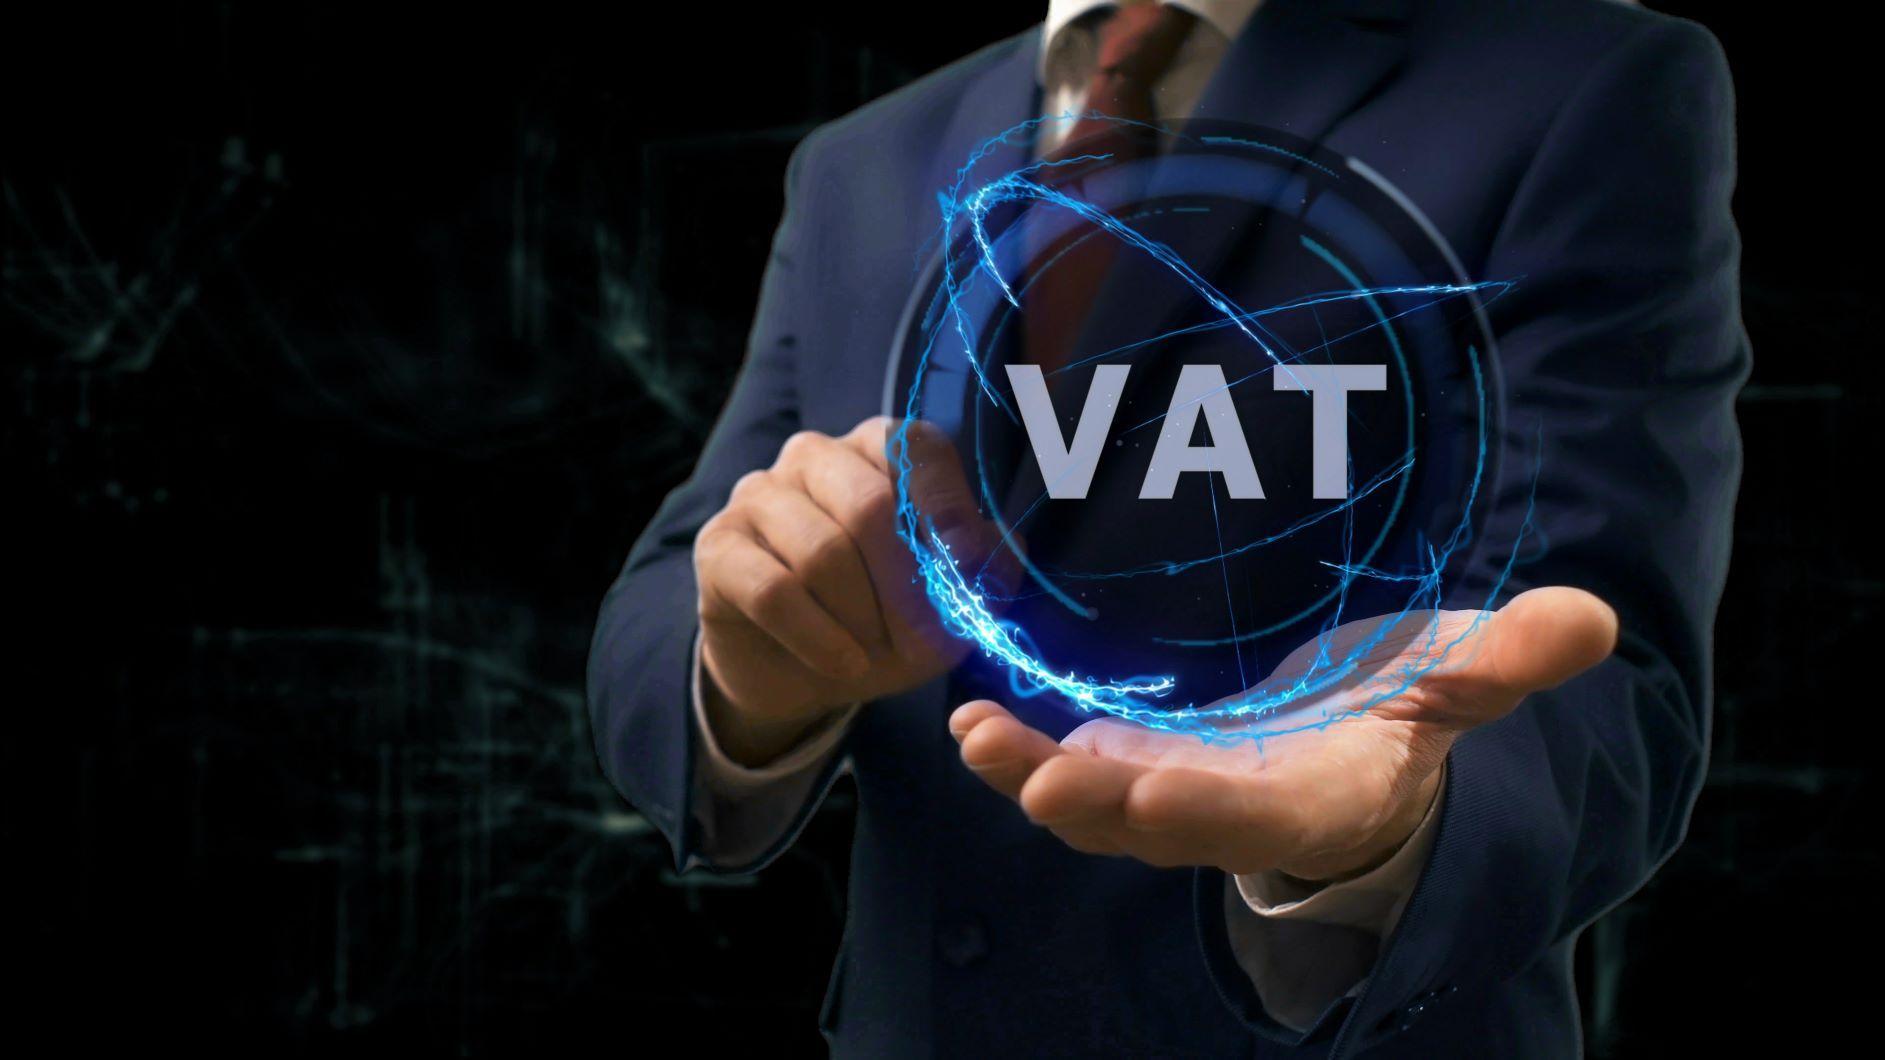 Rozliczenia VAT mają być łatwiejsze